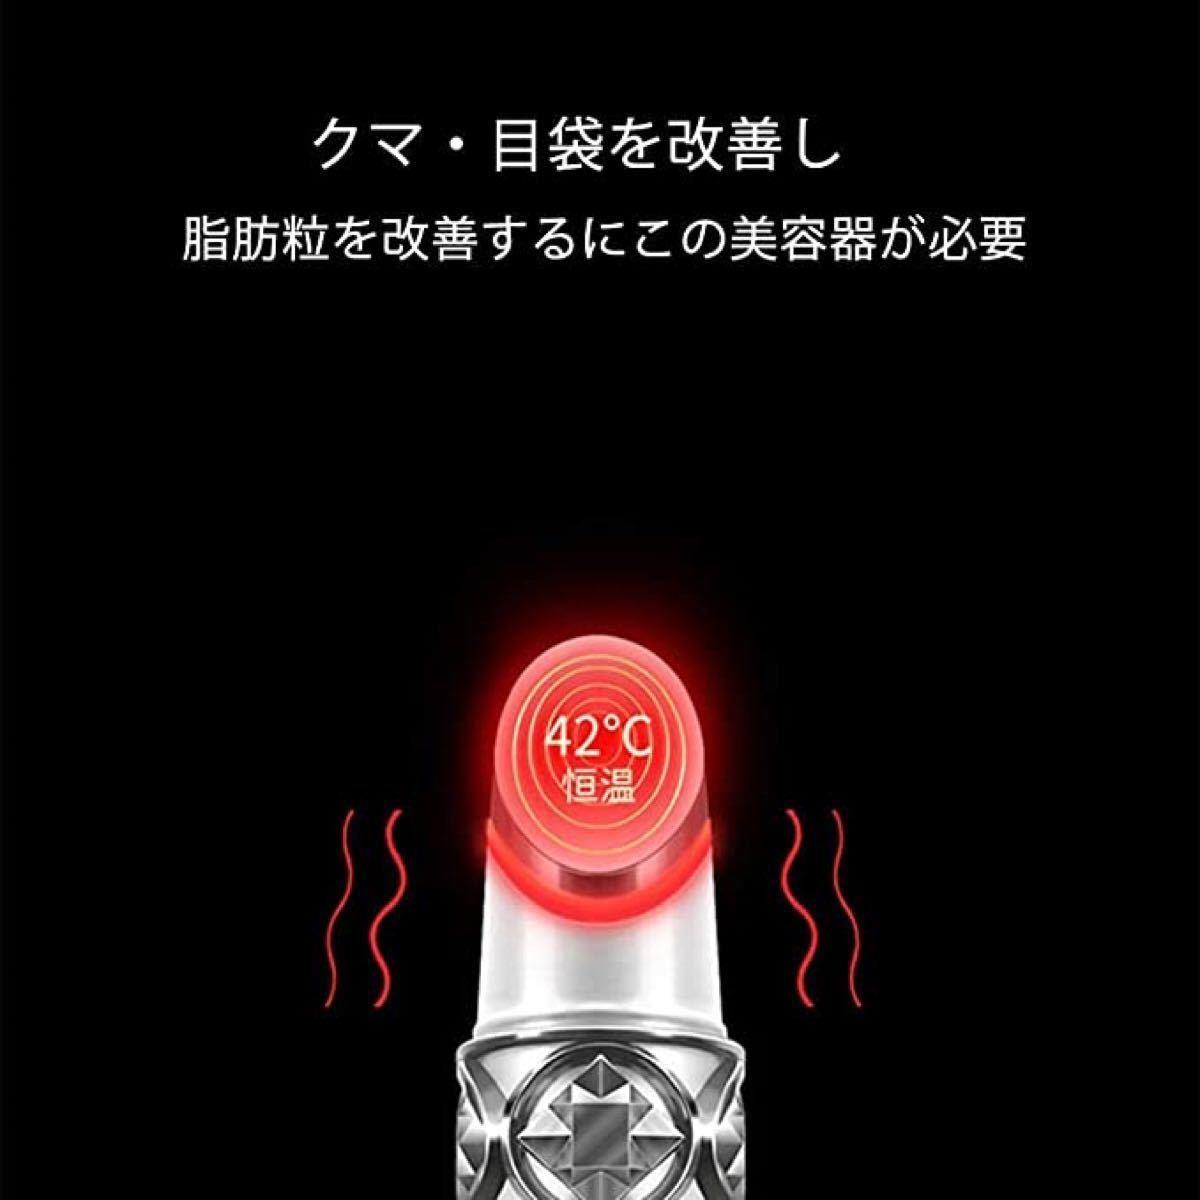 目元ケア 美顔器 目元ケア 銀 超音波美顔器 マッサージ イオン導入 USB充電